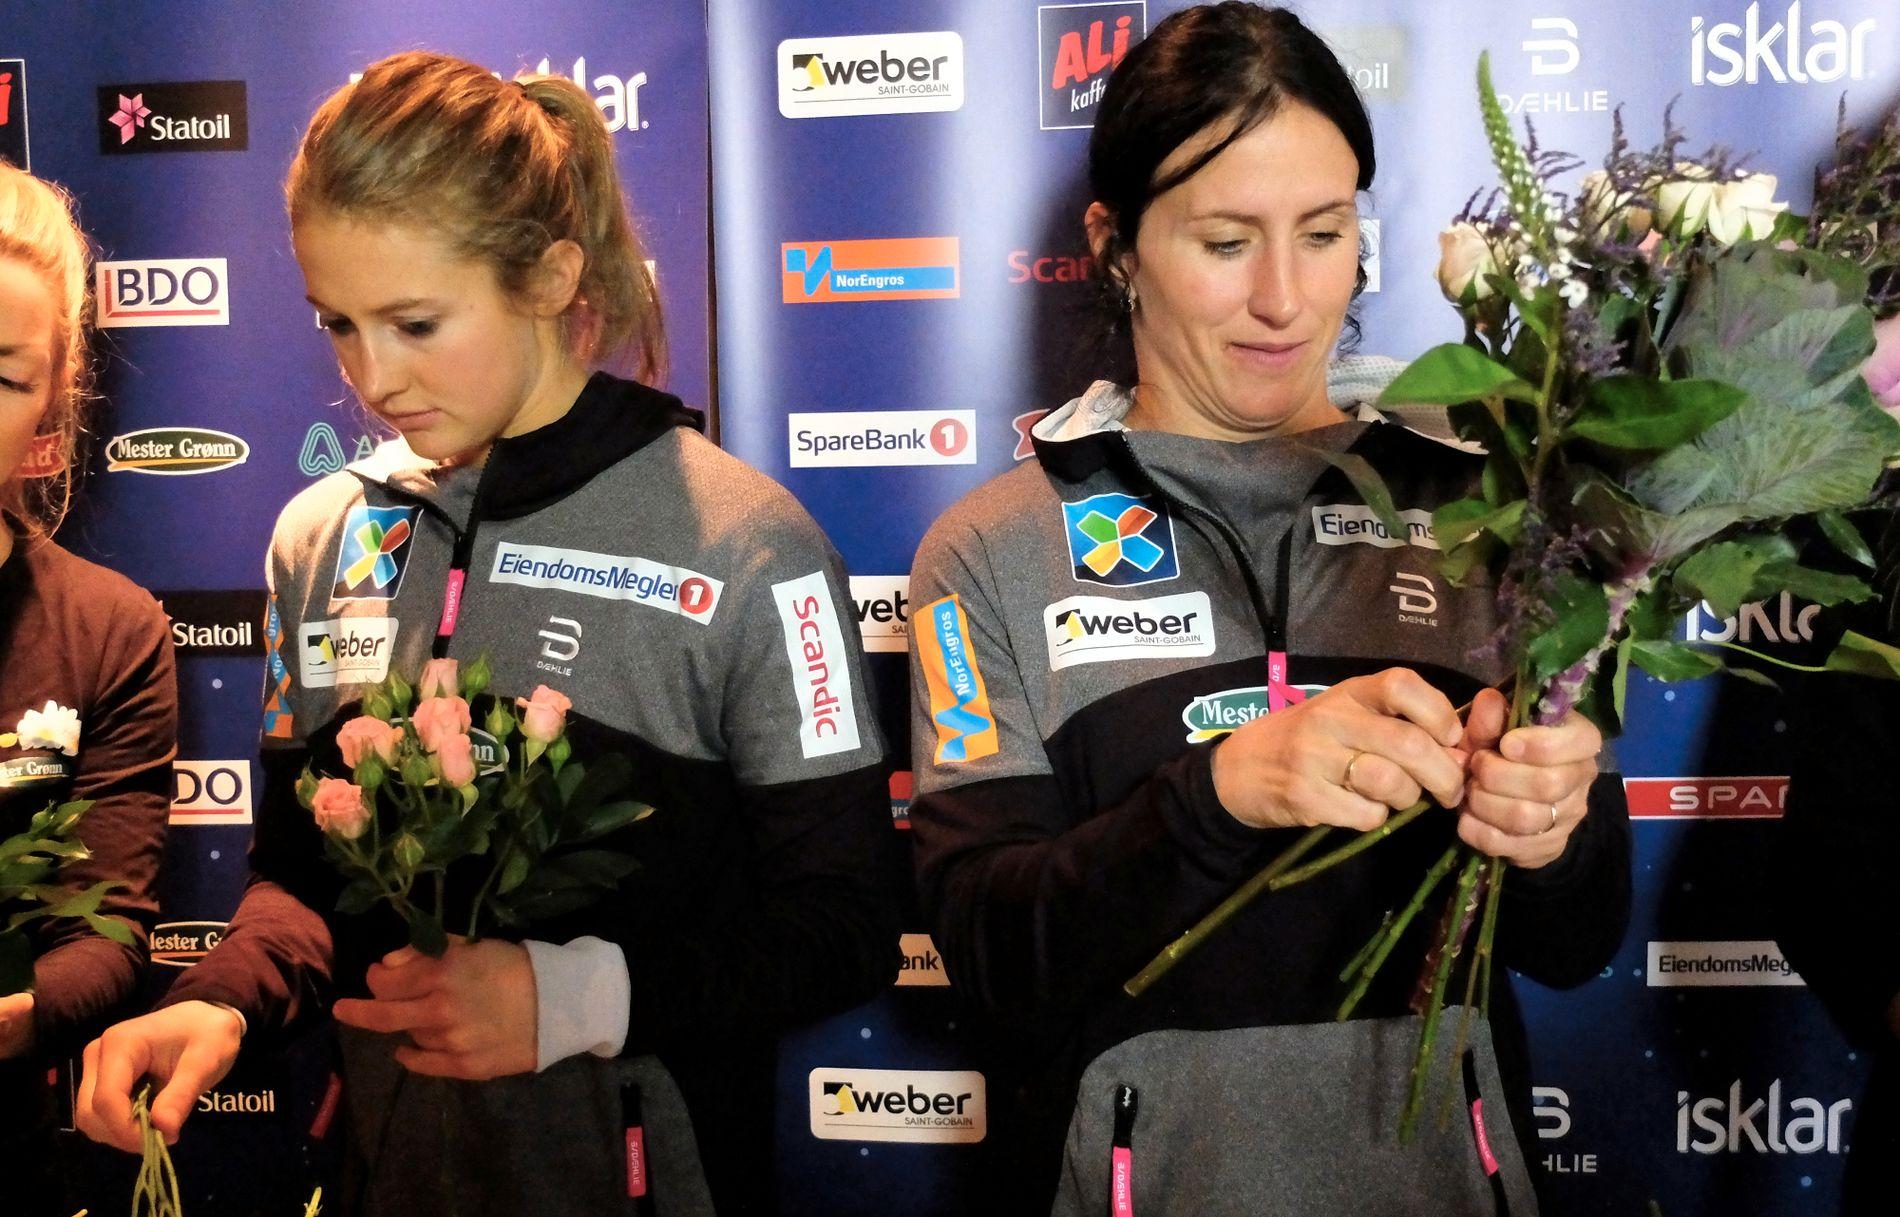 FLERE TALENTER: Ingvild Flugstad Østberg og Marit Bjørgen prøver seg som blomsterdekoratører. Skijentene har fått en blomsterkjede som sponsor.